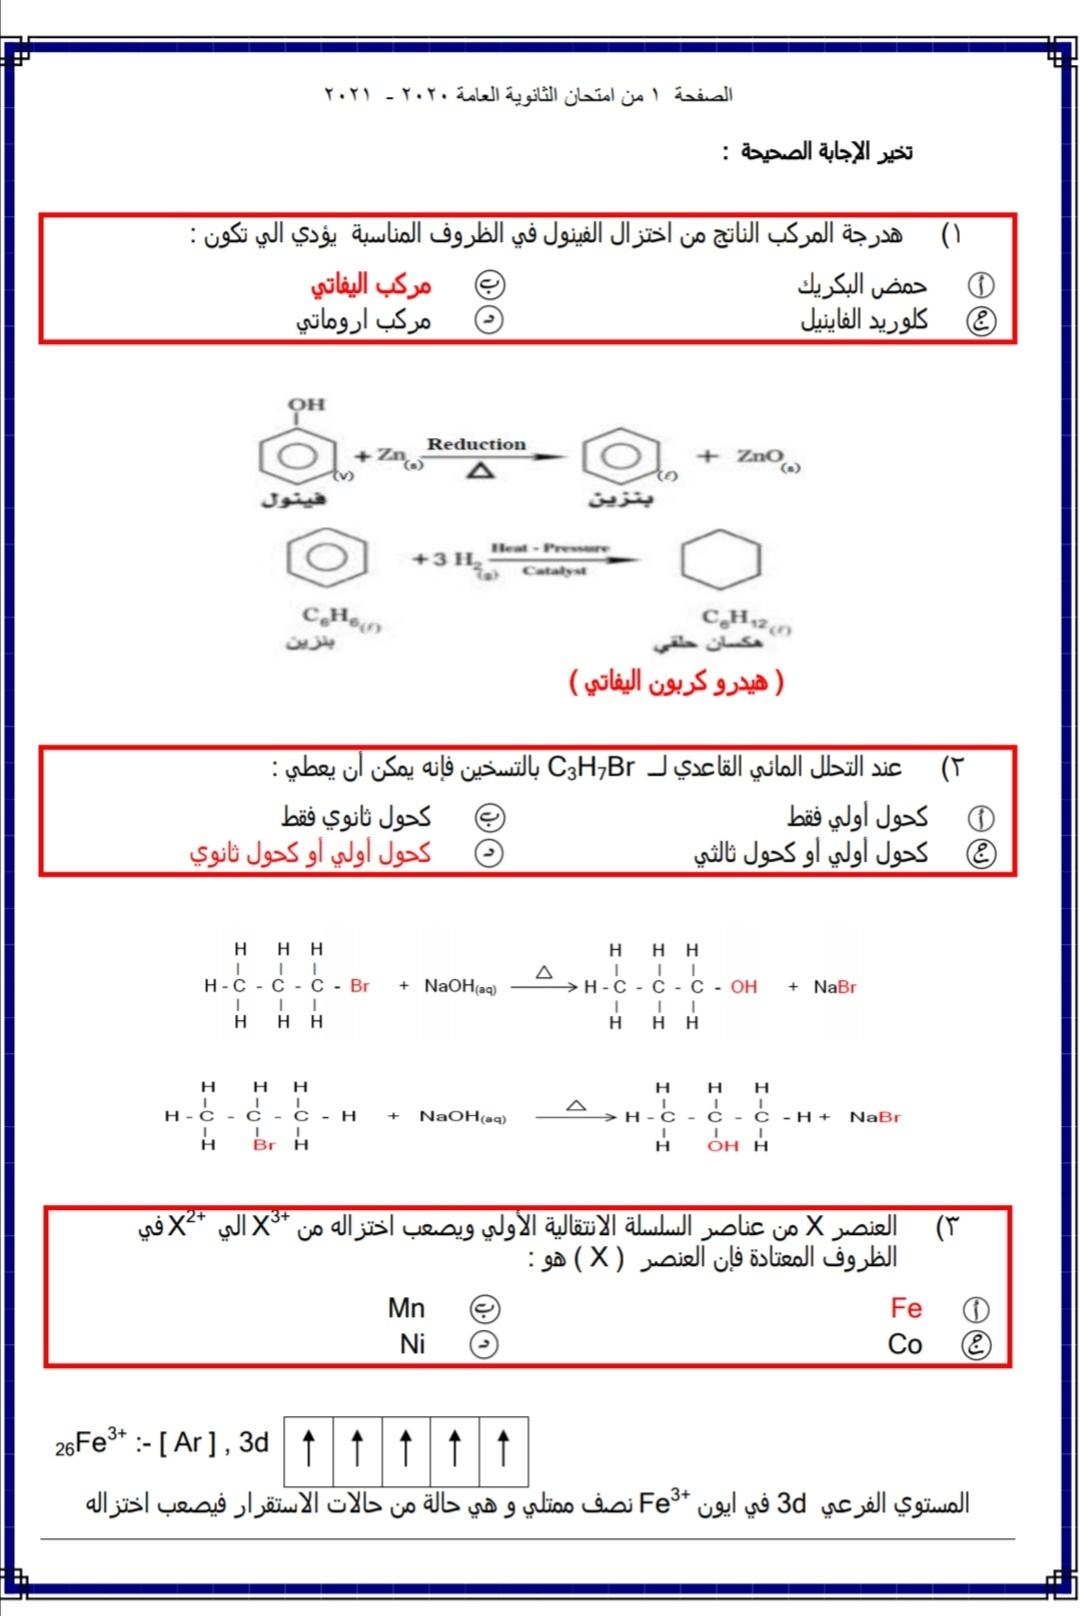 نموذج اجابة امتحان الكيمياء للثانوية العامة 2021 1